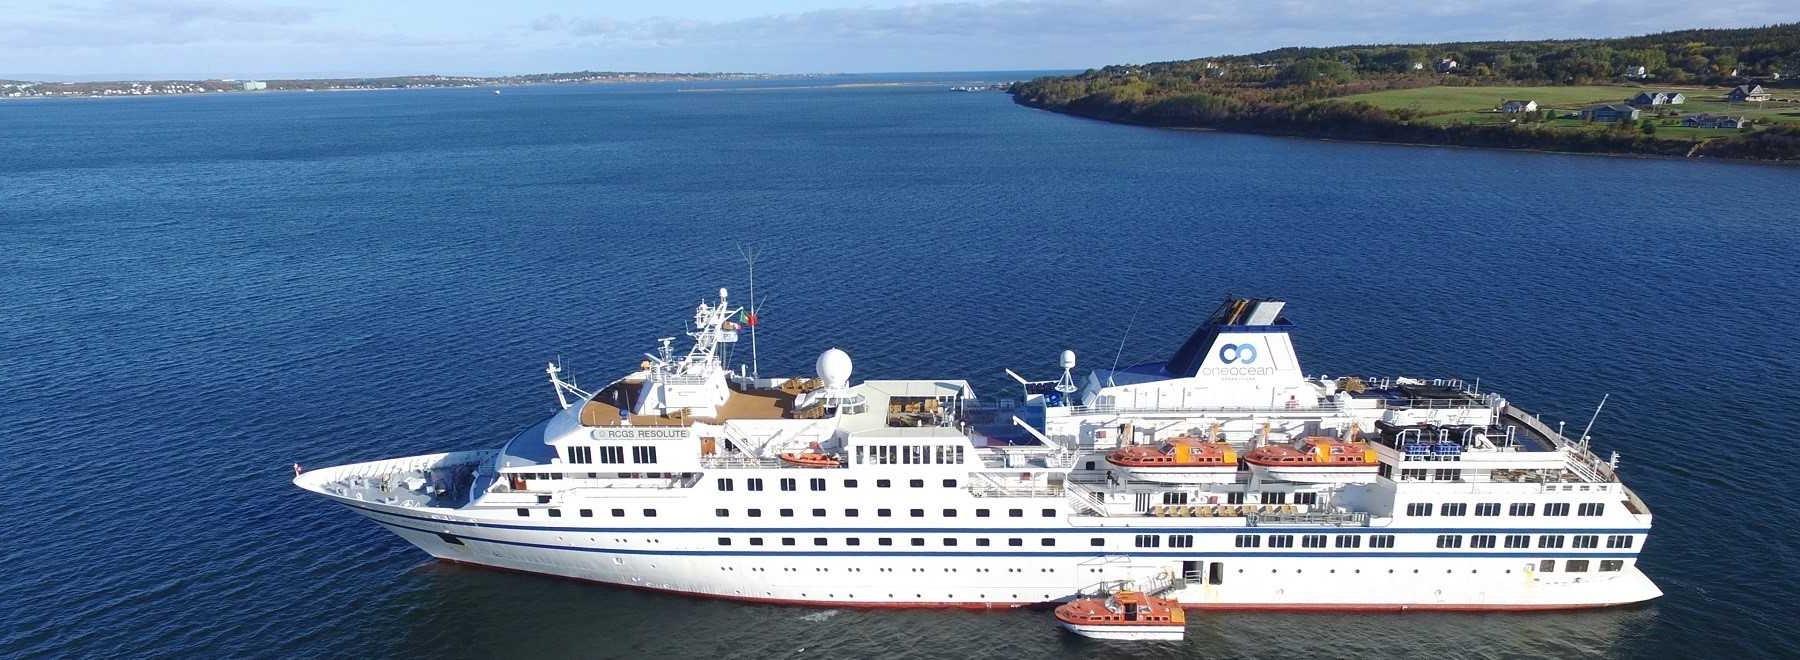 OneOcean Expedicao de Golfe - Irlanda e Escocia